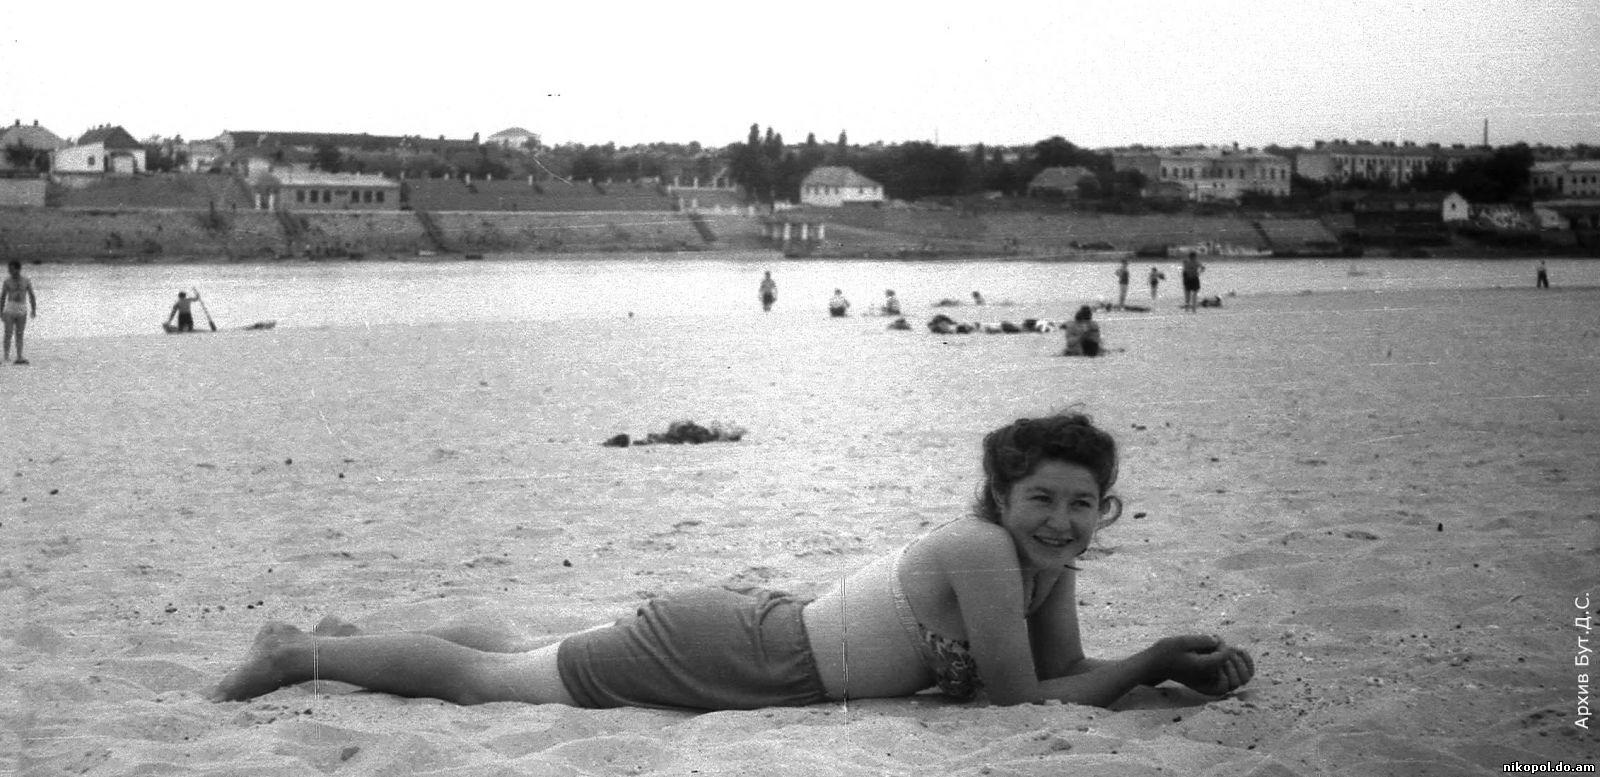 Смотреть семейный нудизм ретро фото, Нудисткий пляж ретро » Эротика фото и голых девушек 8 фотография